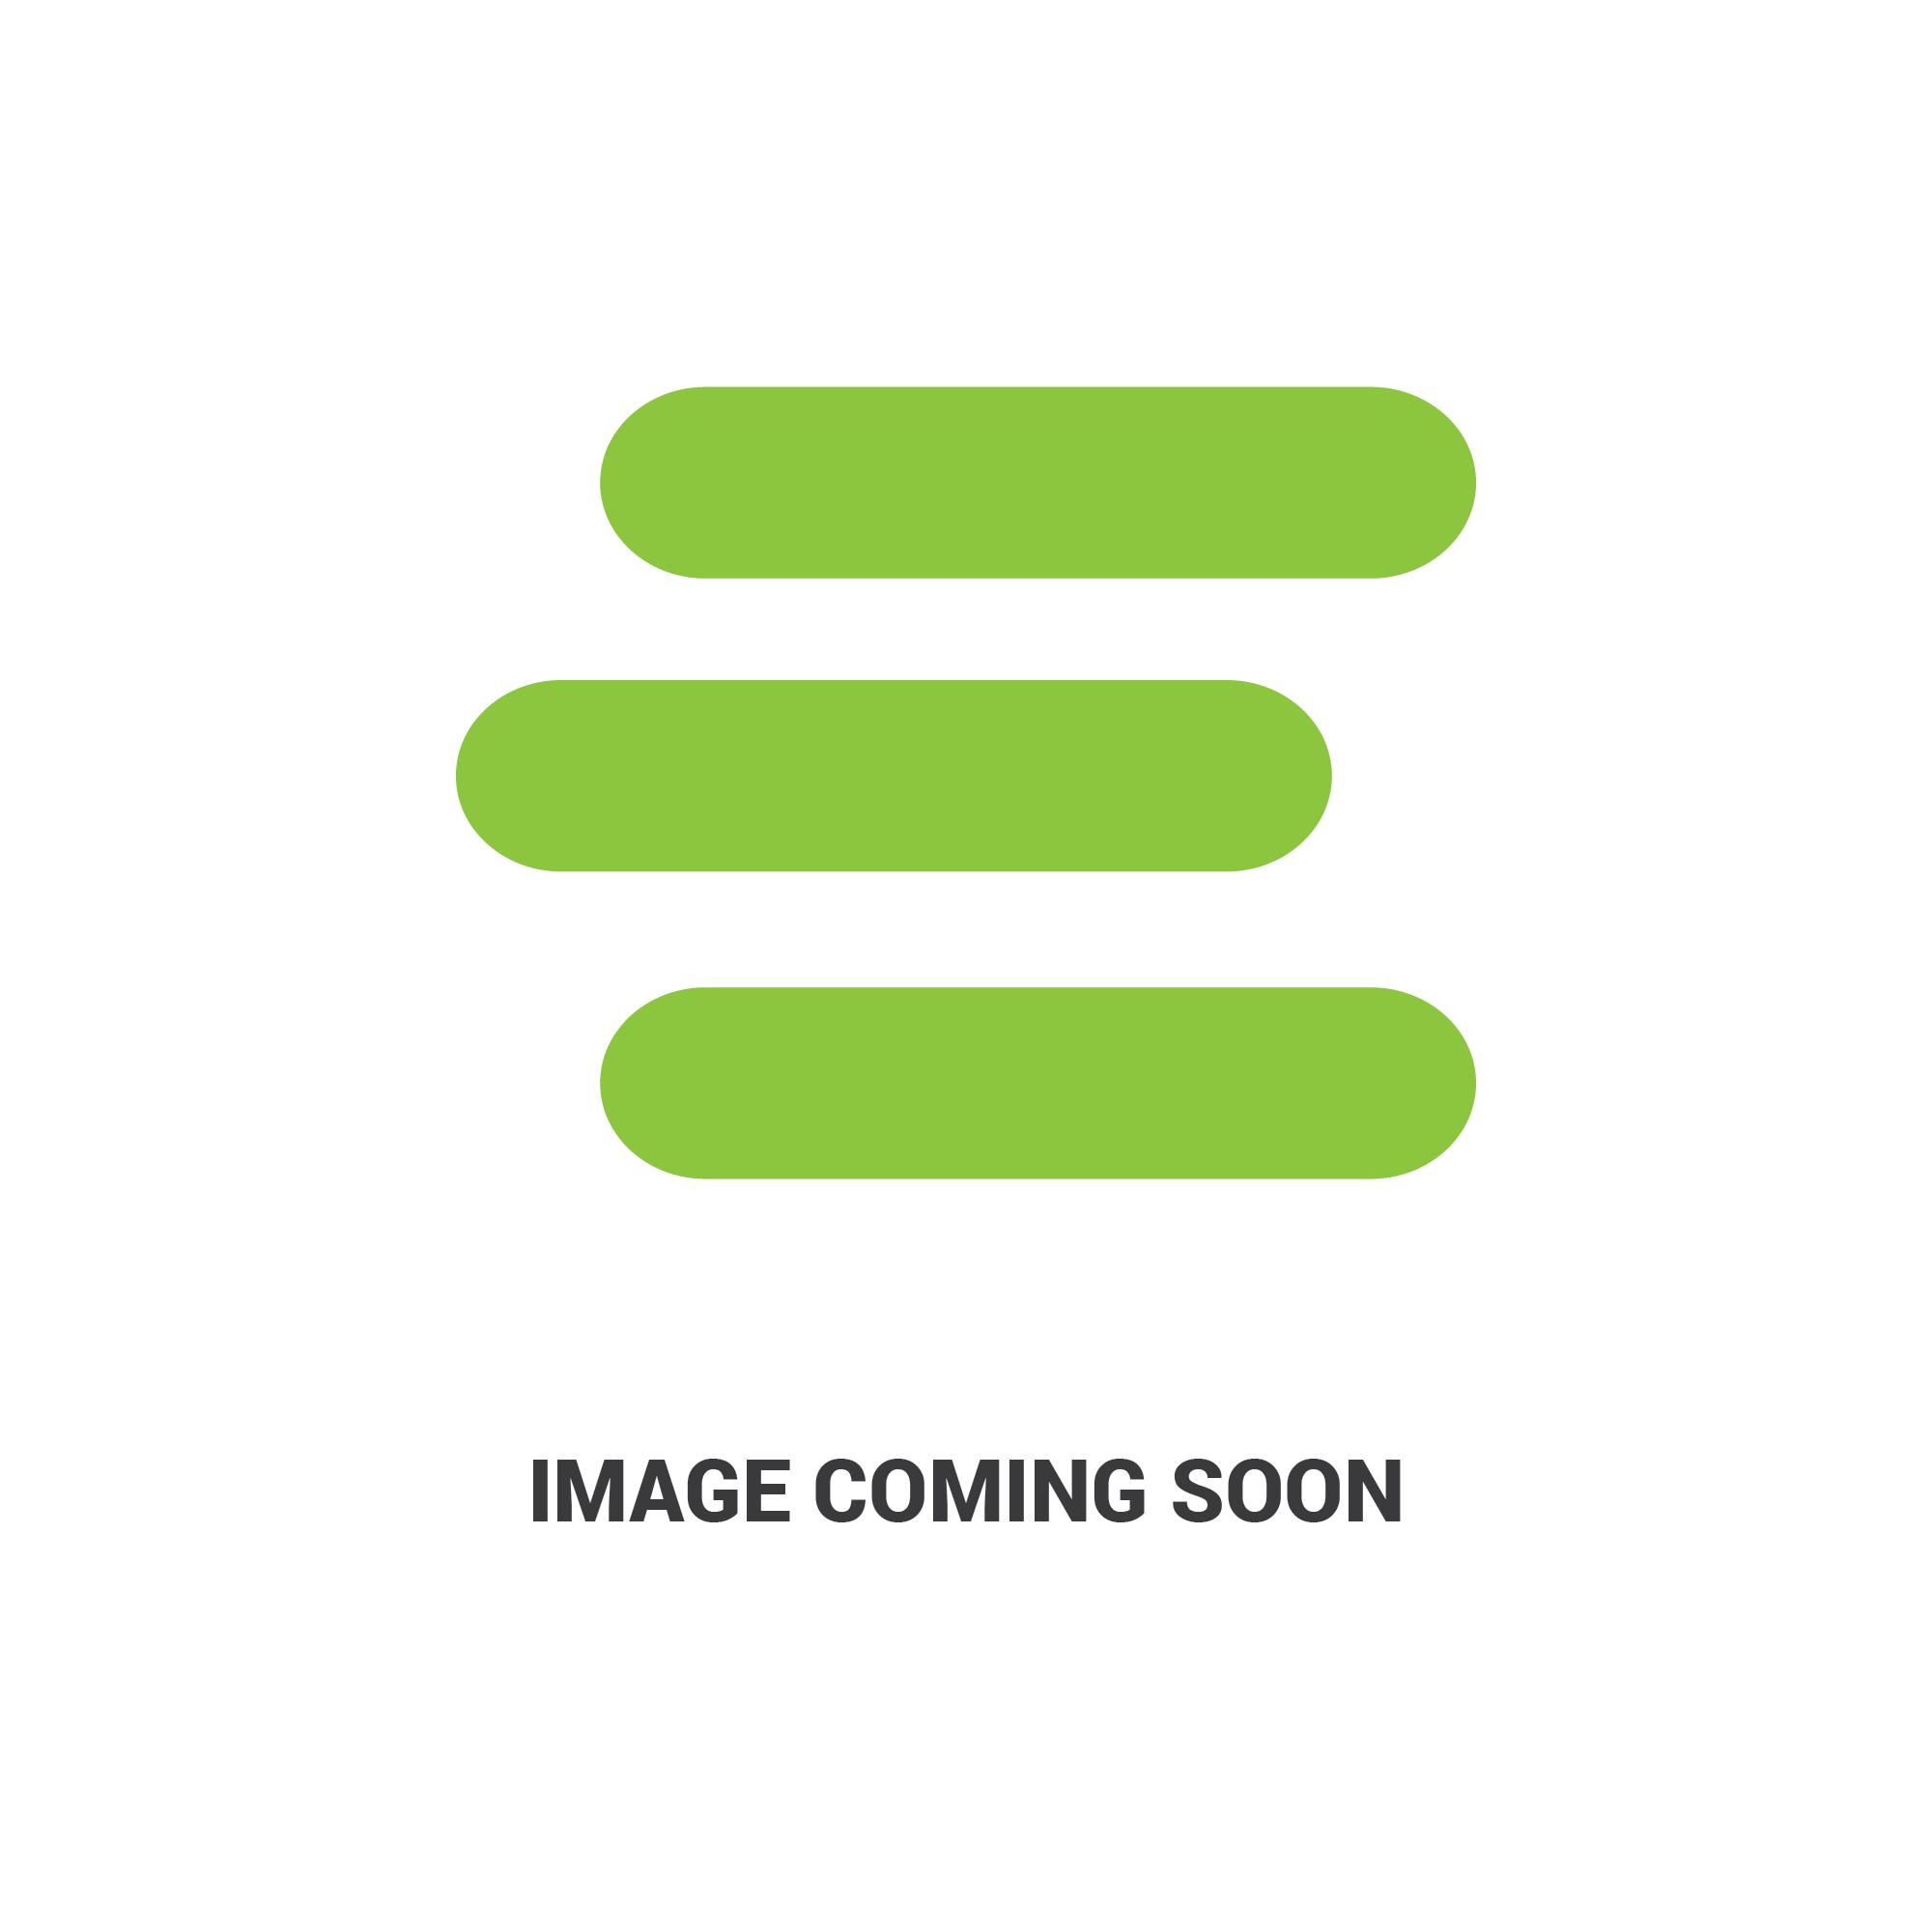 E-RE37450edit 1.jpg